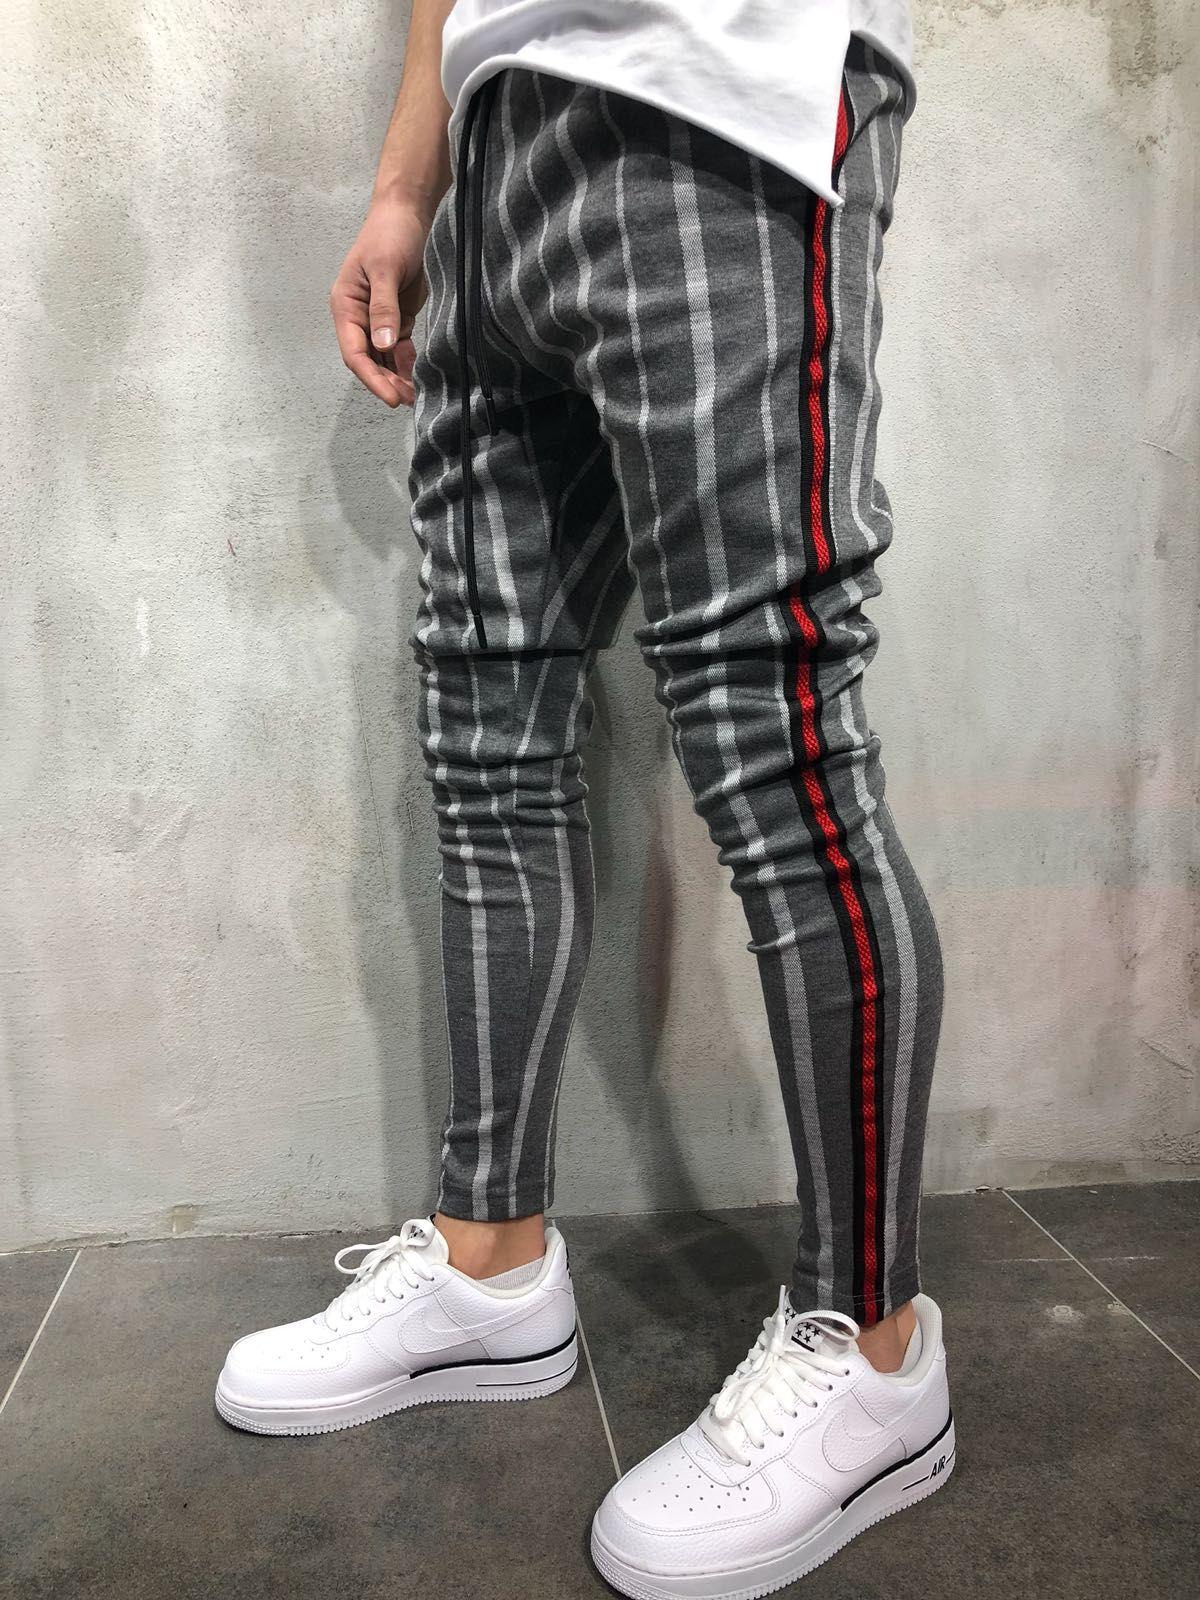 Striped Sweatpants For Men Moda Ropa Hombre Estilo De Ropa Hombre Pantalones De Hombre Moda